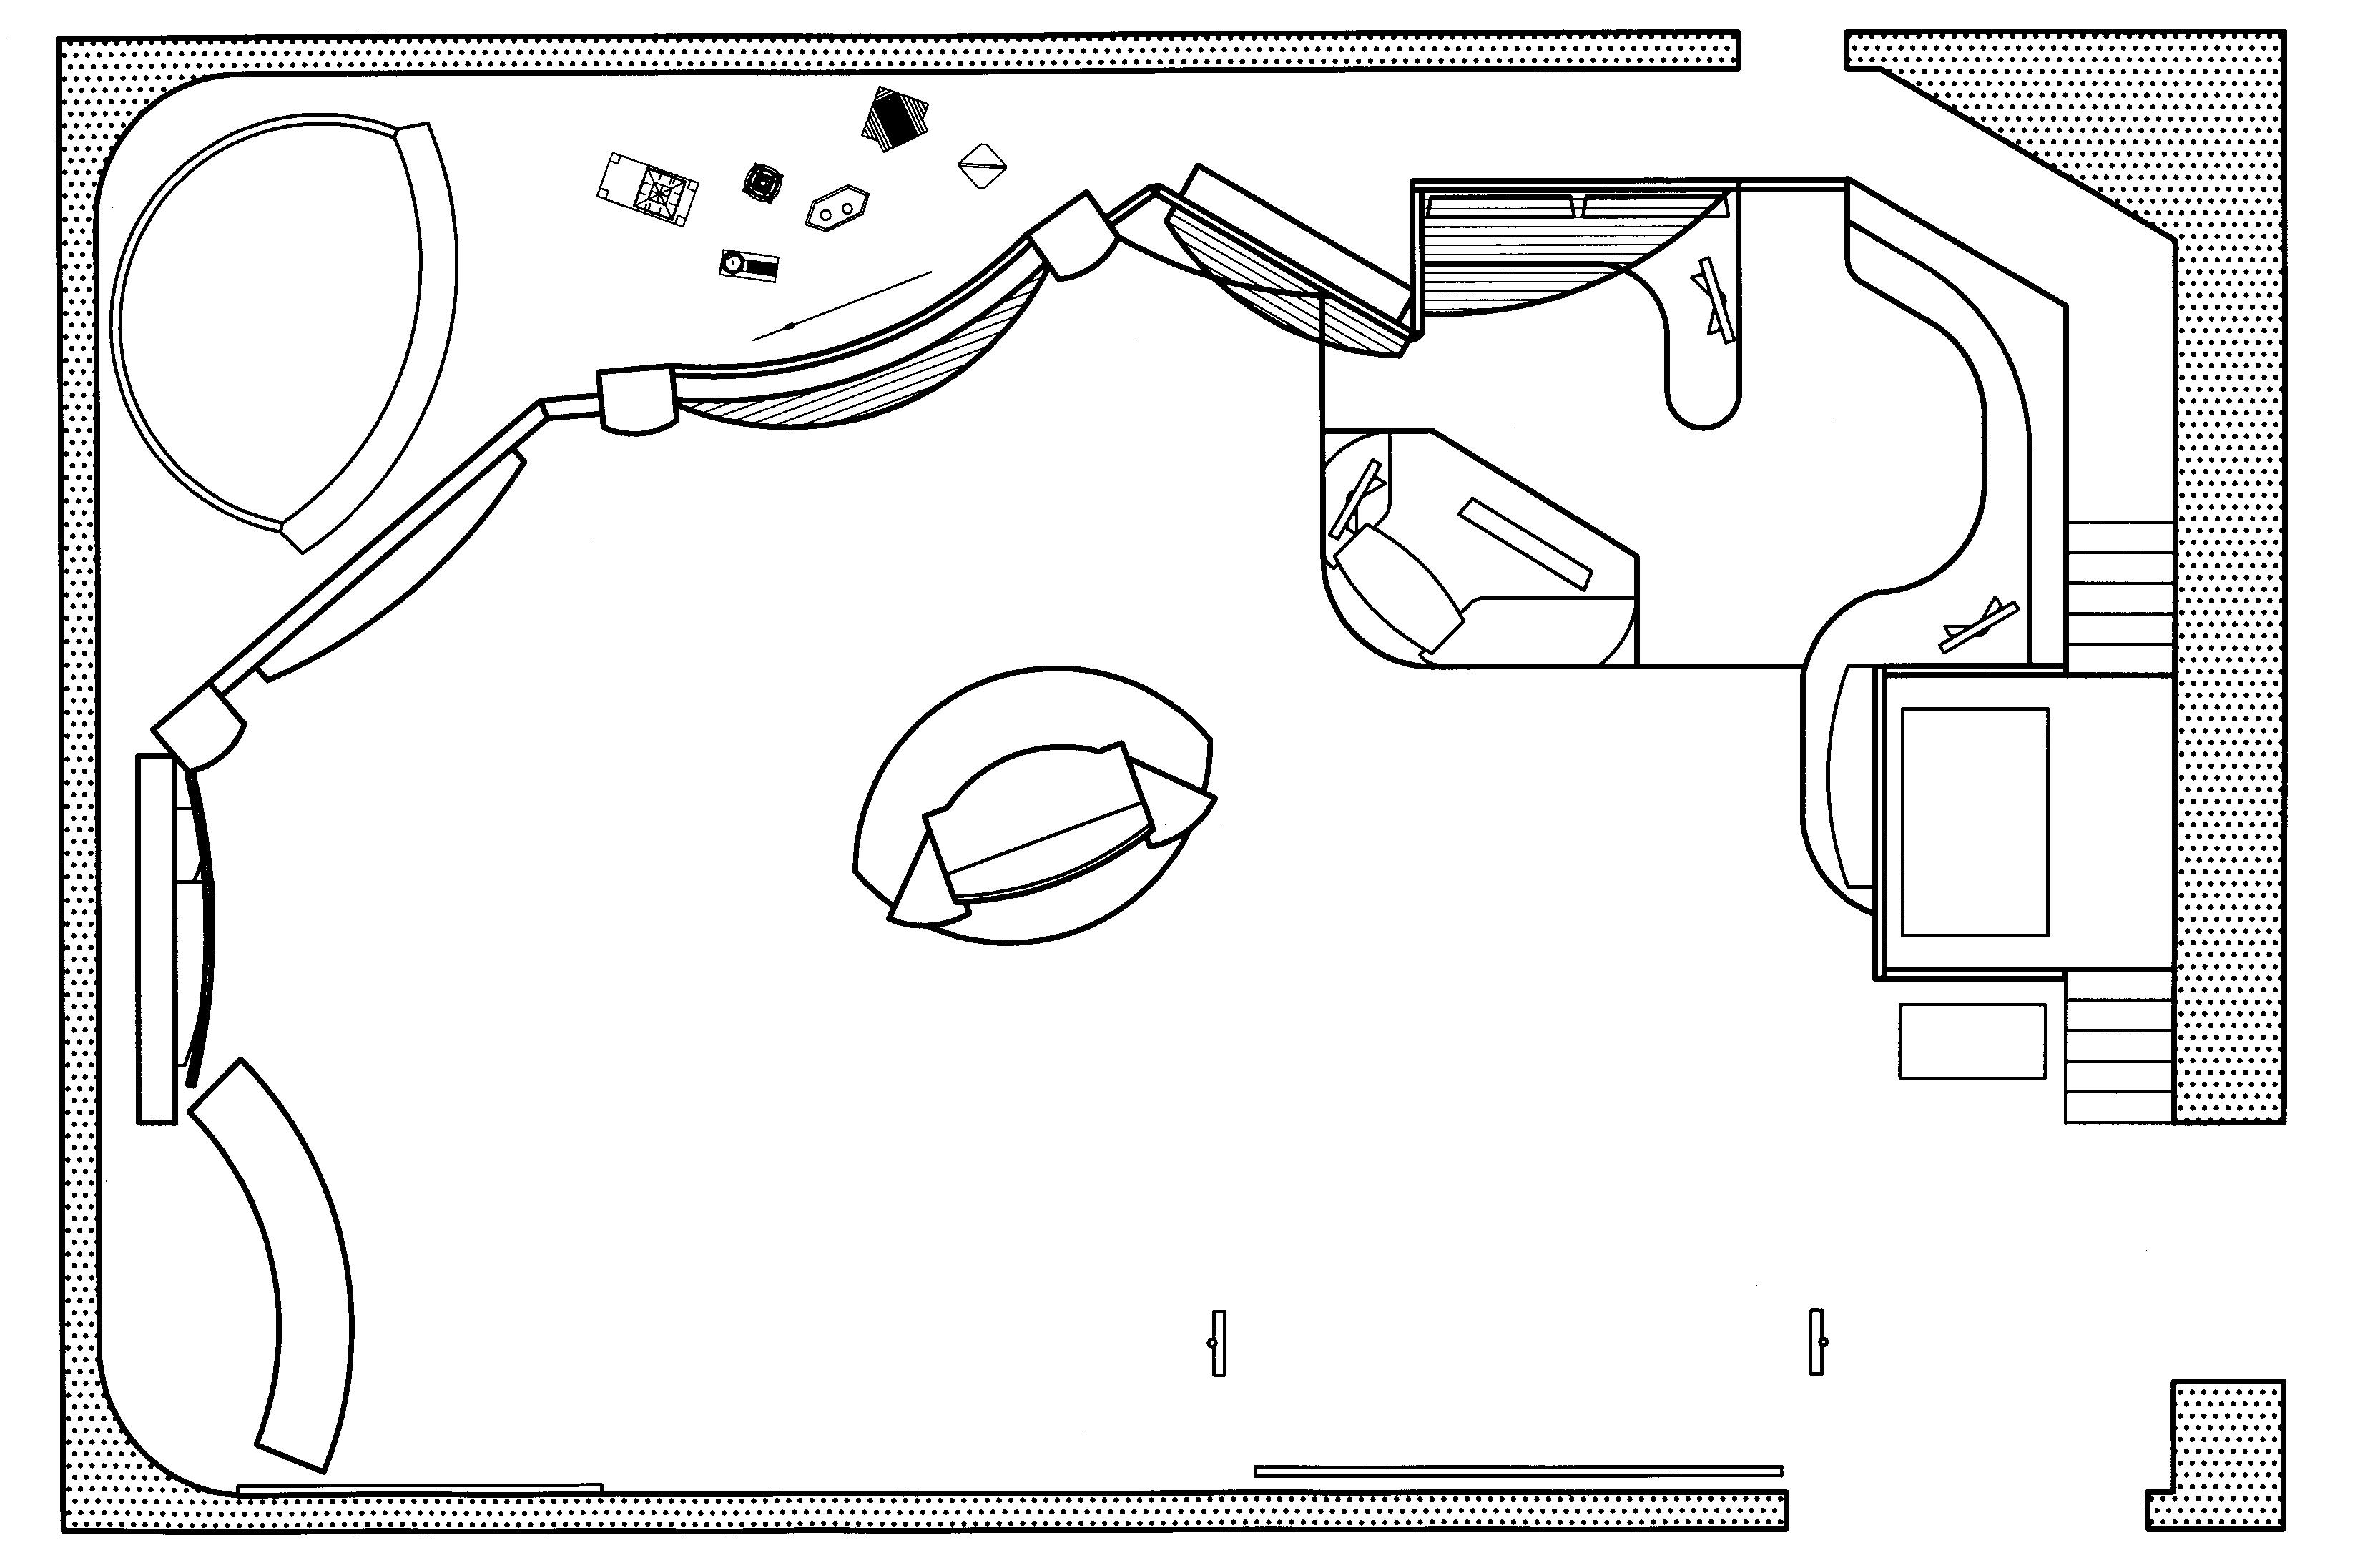 WBTV_floorplan